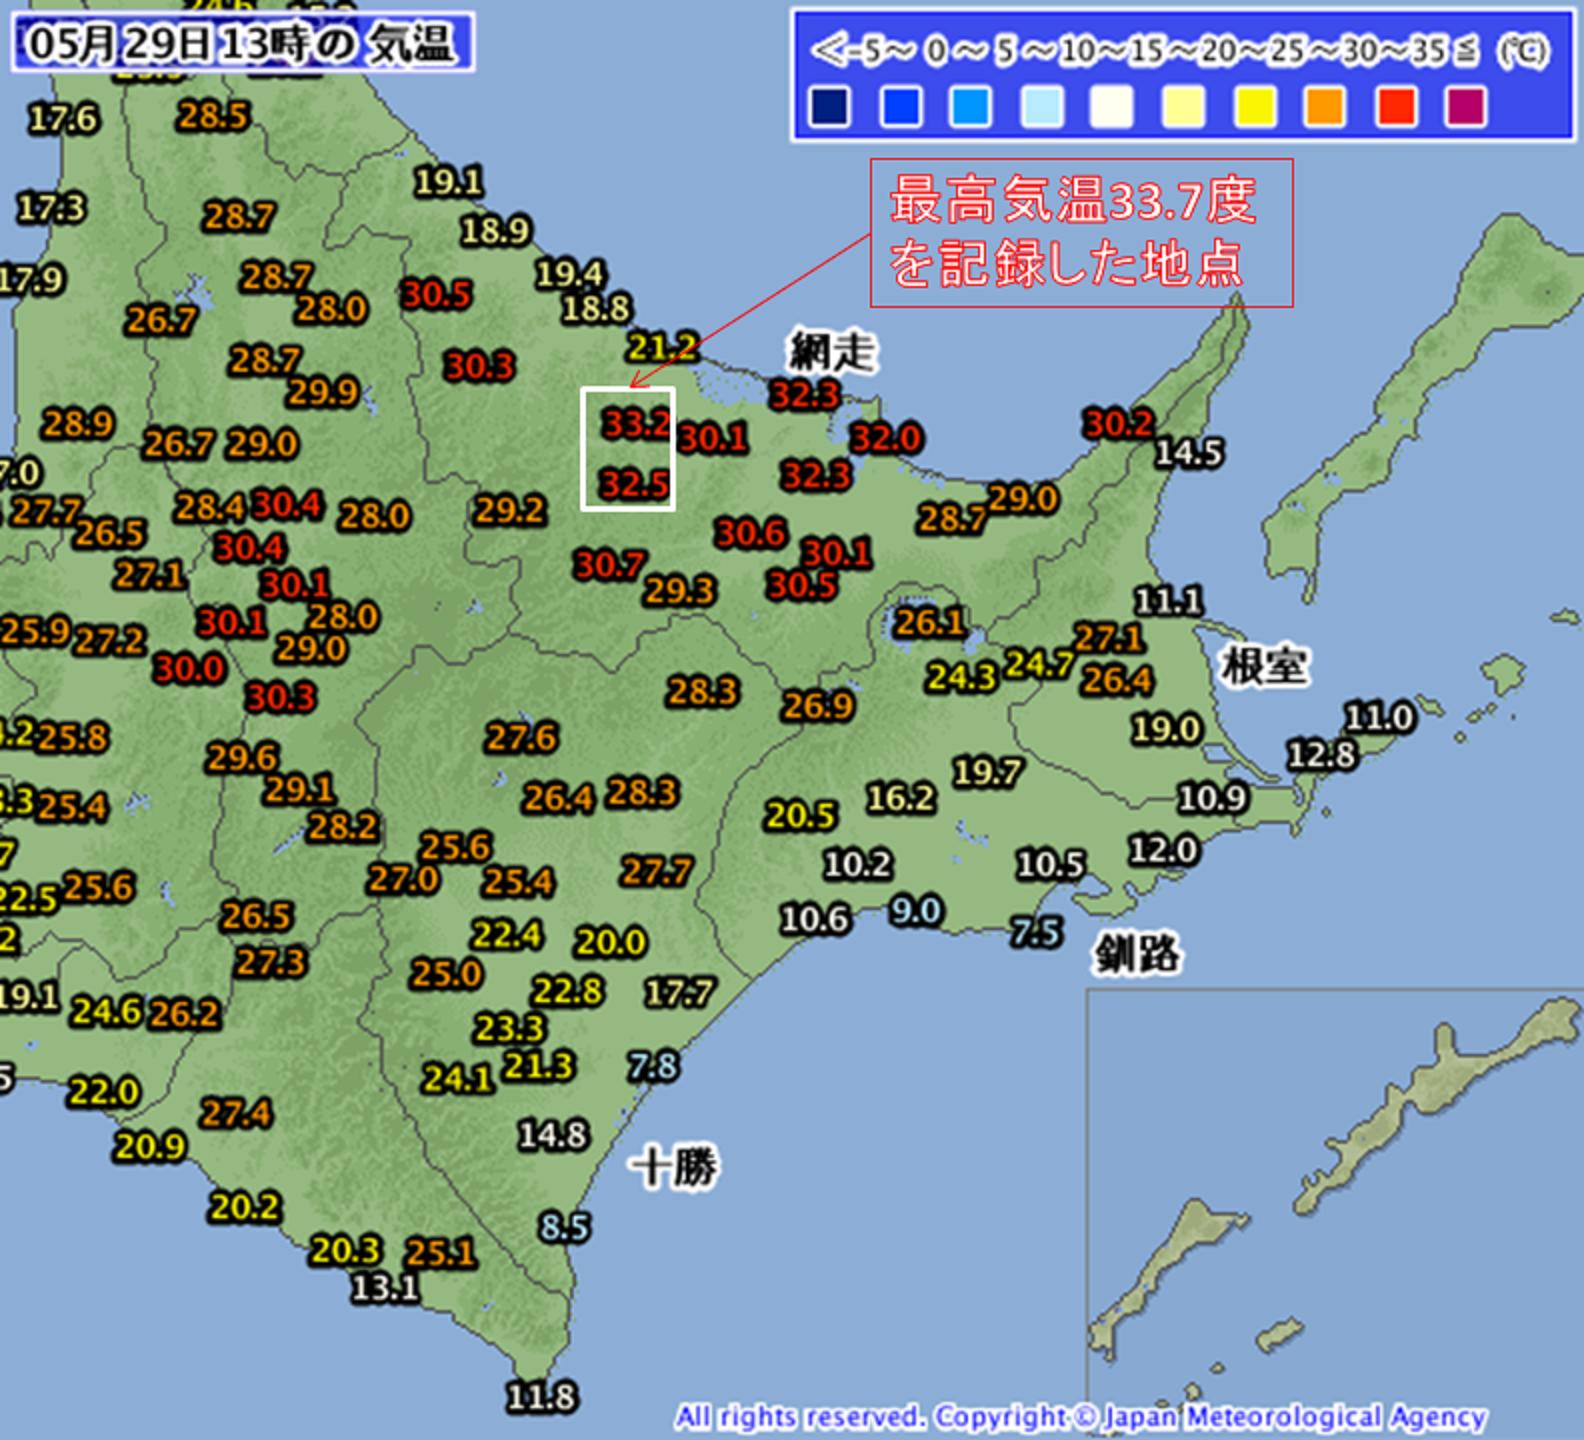 2014052913気温分布